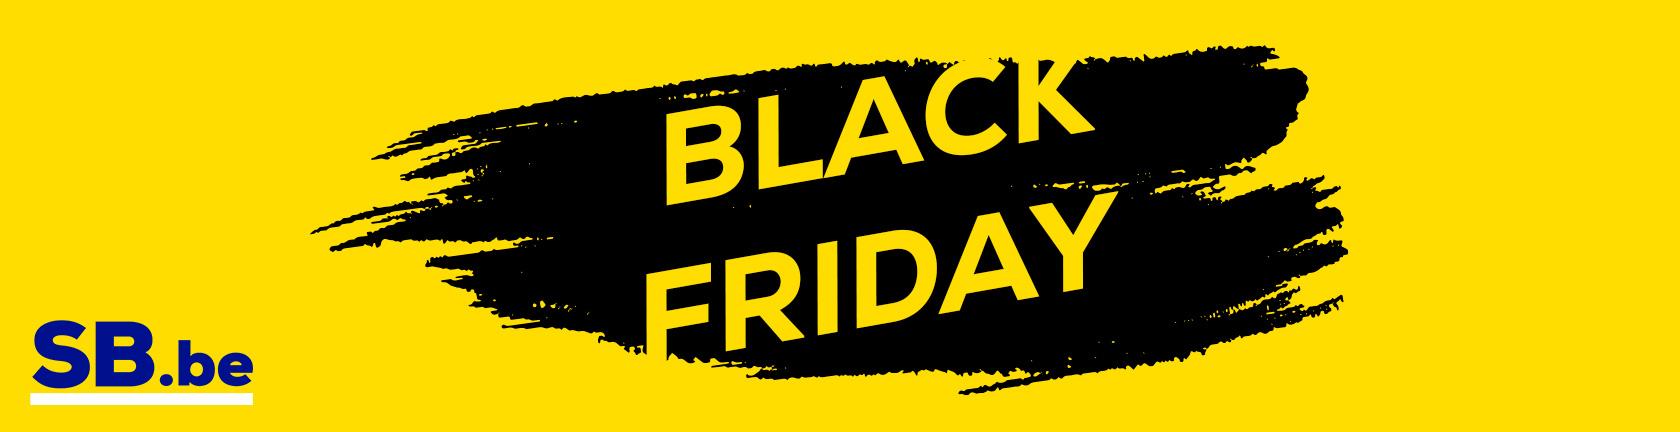 SB.be Black Friday bij SupraBazar